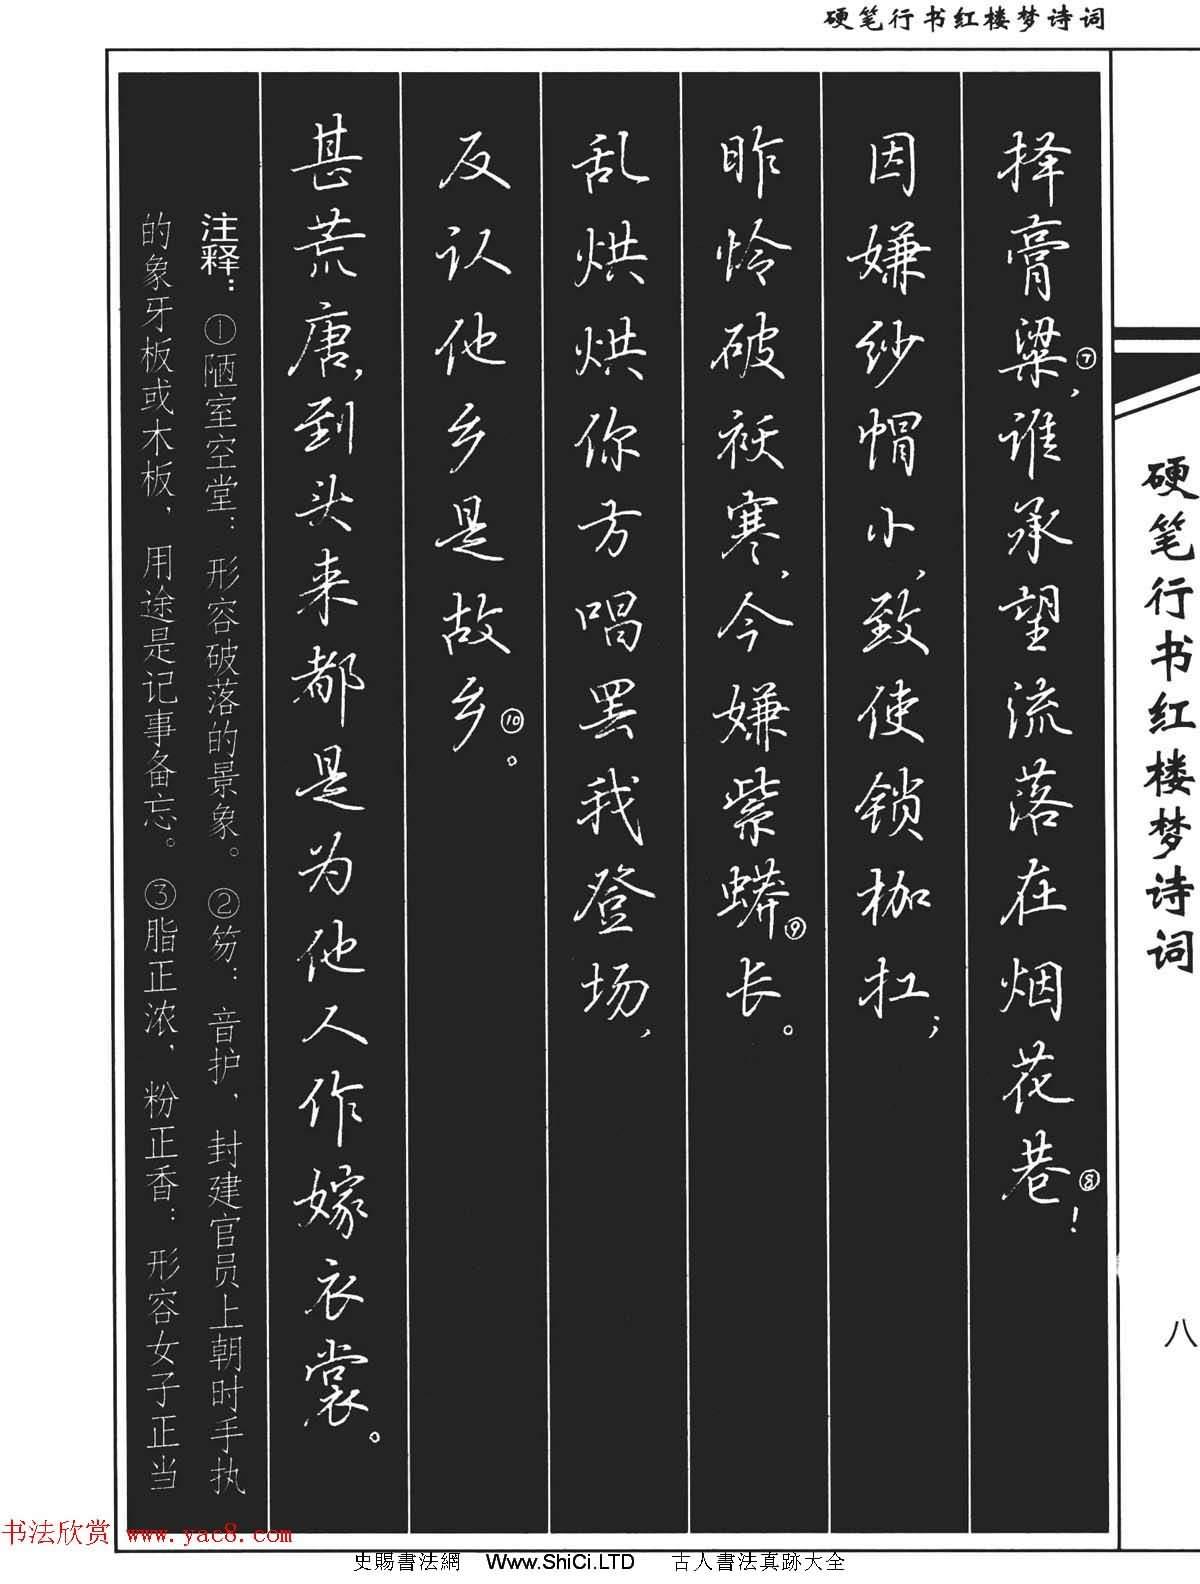 吳玉生鋼筆字帖欣賞《硬筆行書紅樓夢詩詞》